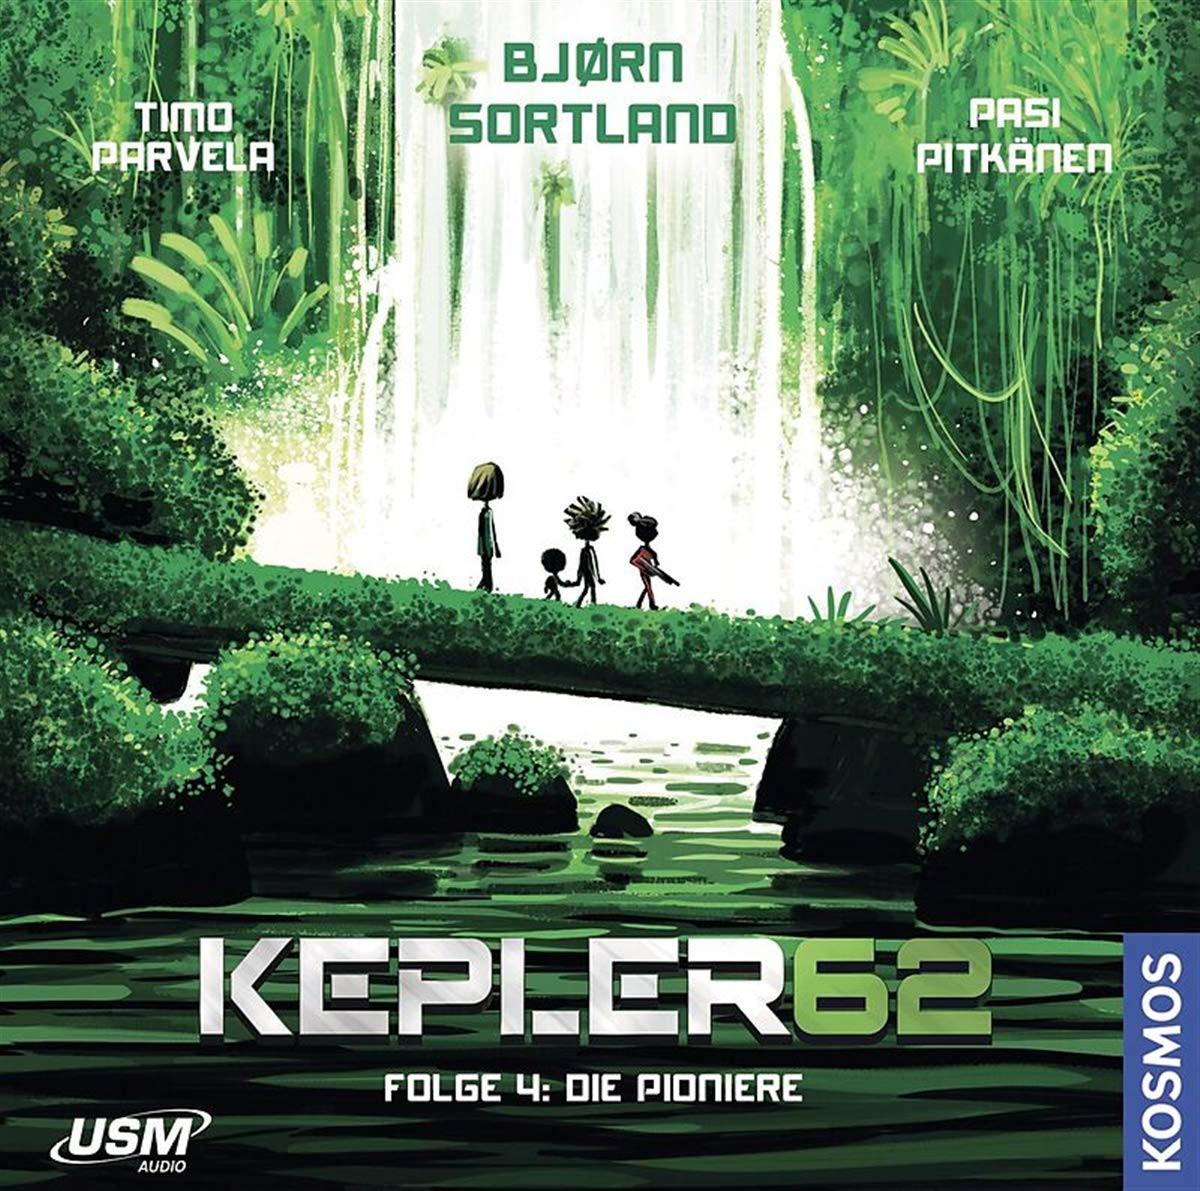 Kepler62 Folge 4: Die Pioniere